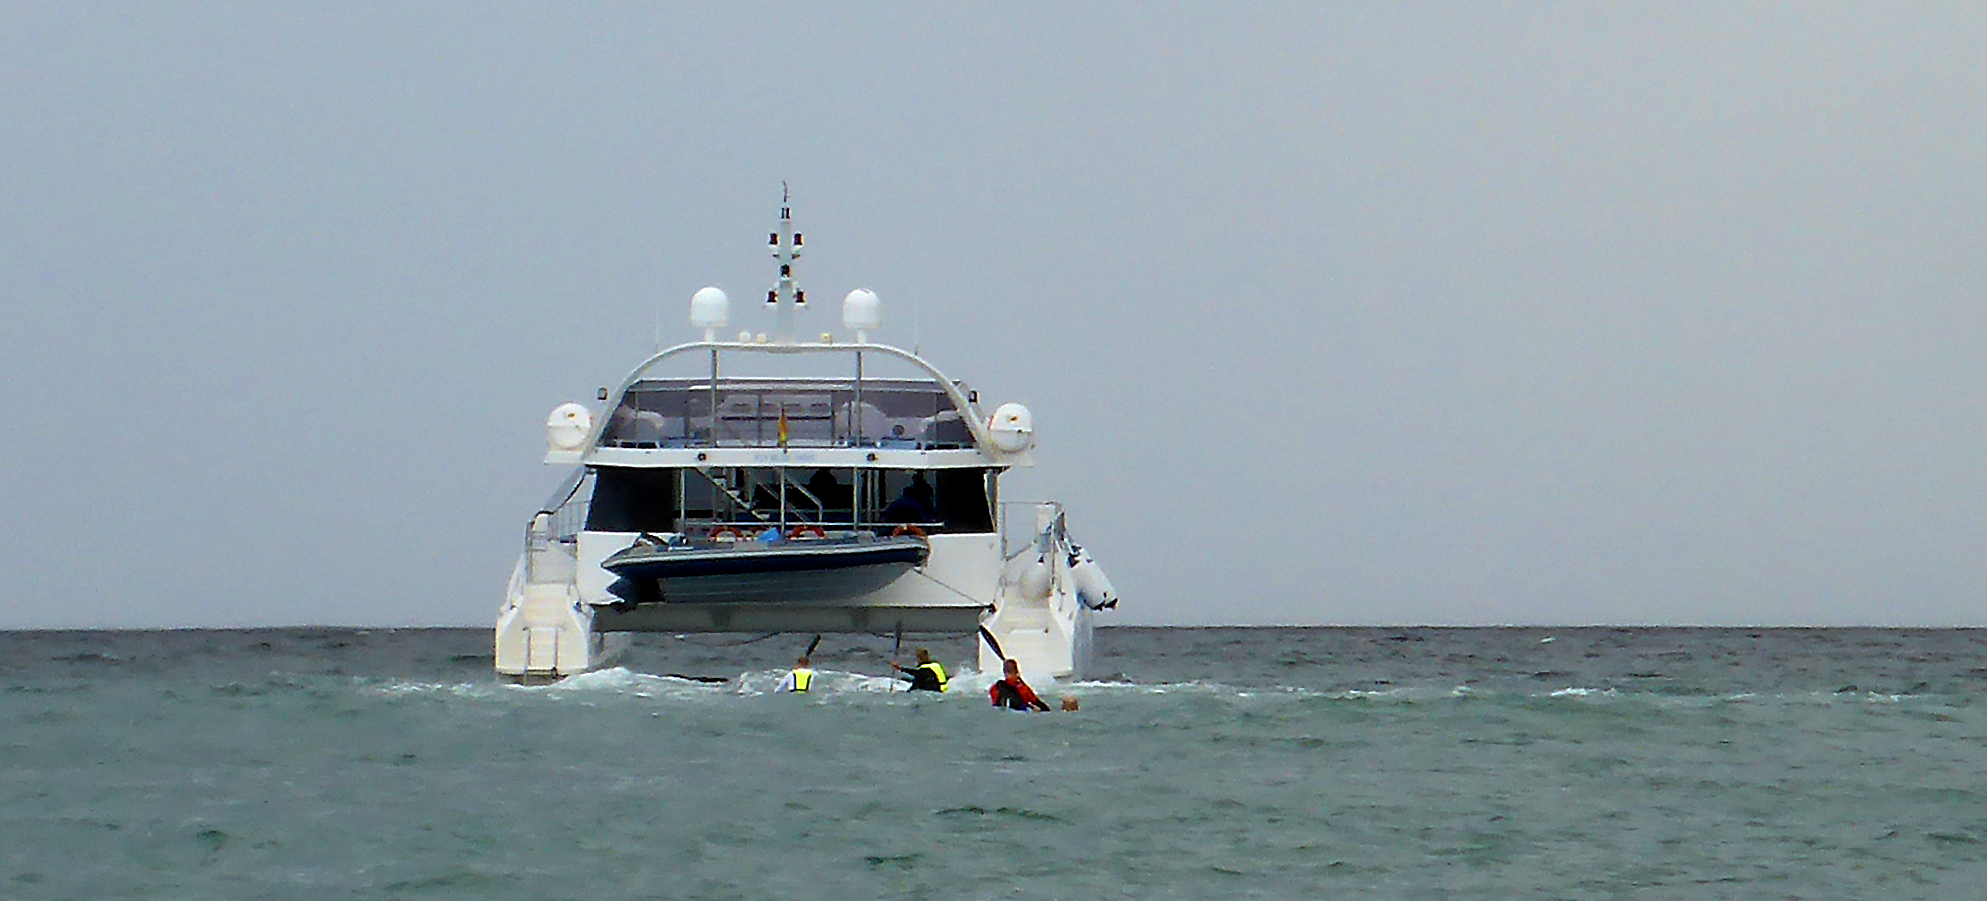 Marbella_Surfski_Emil_jagar_turbåten_till_Porto_Banus_P1060080